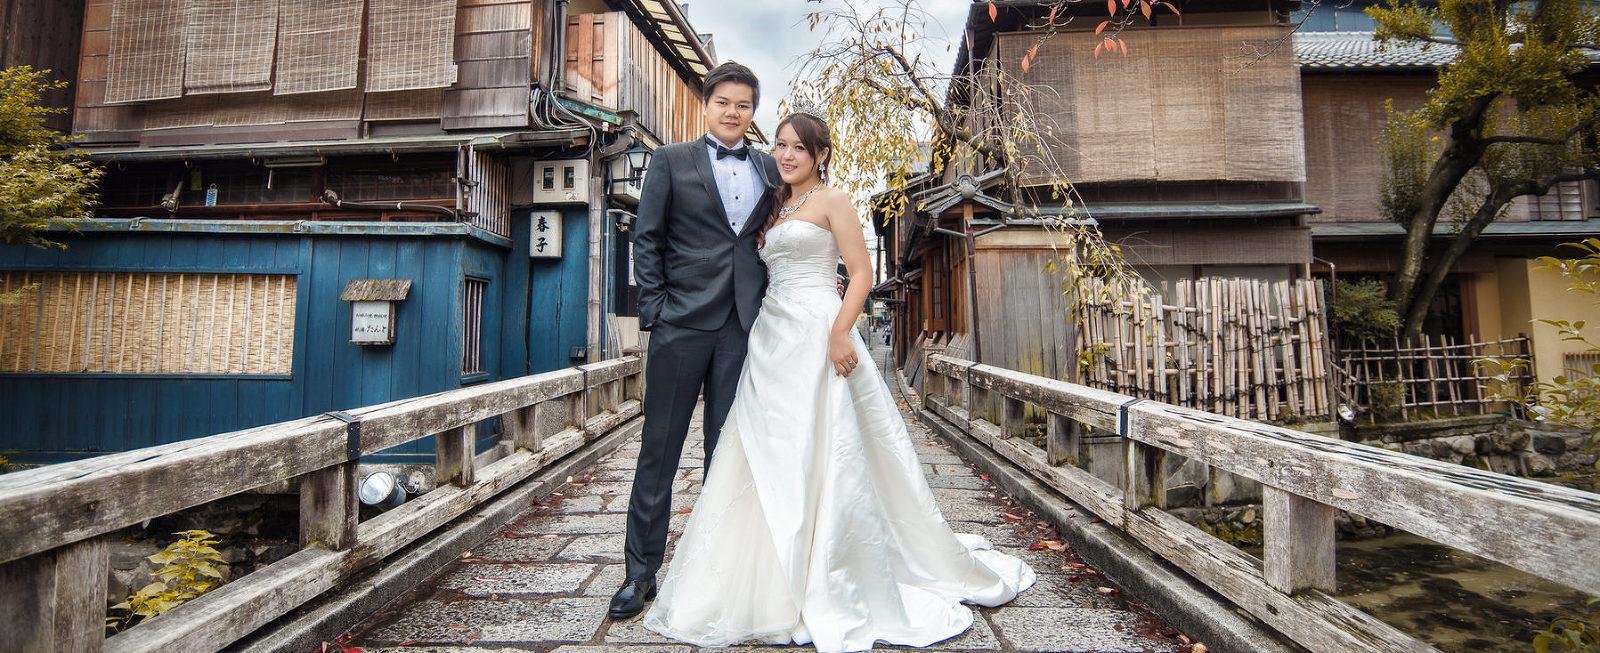 婚攝小光- HIKARU視覺印象|婚禮攝影/自助婚紗/婚禮紀錄